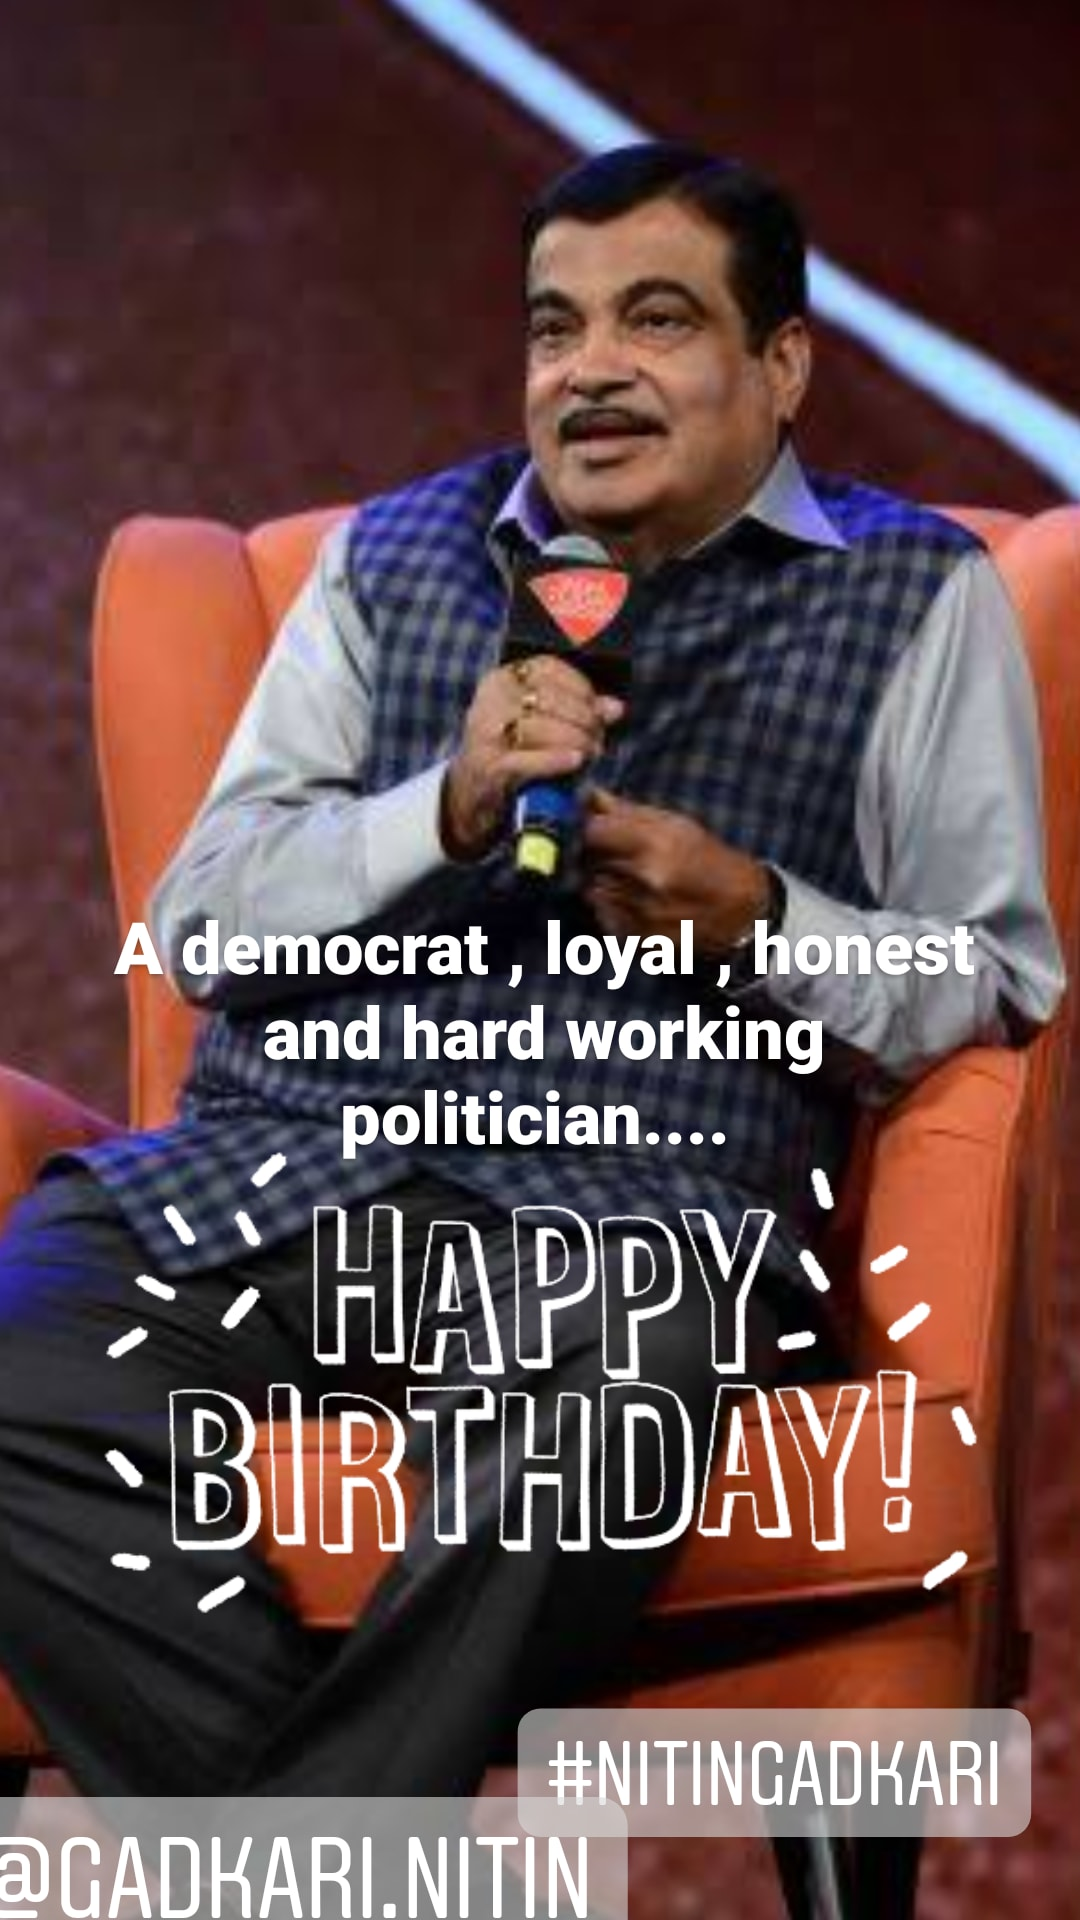 happy birthday sir